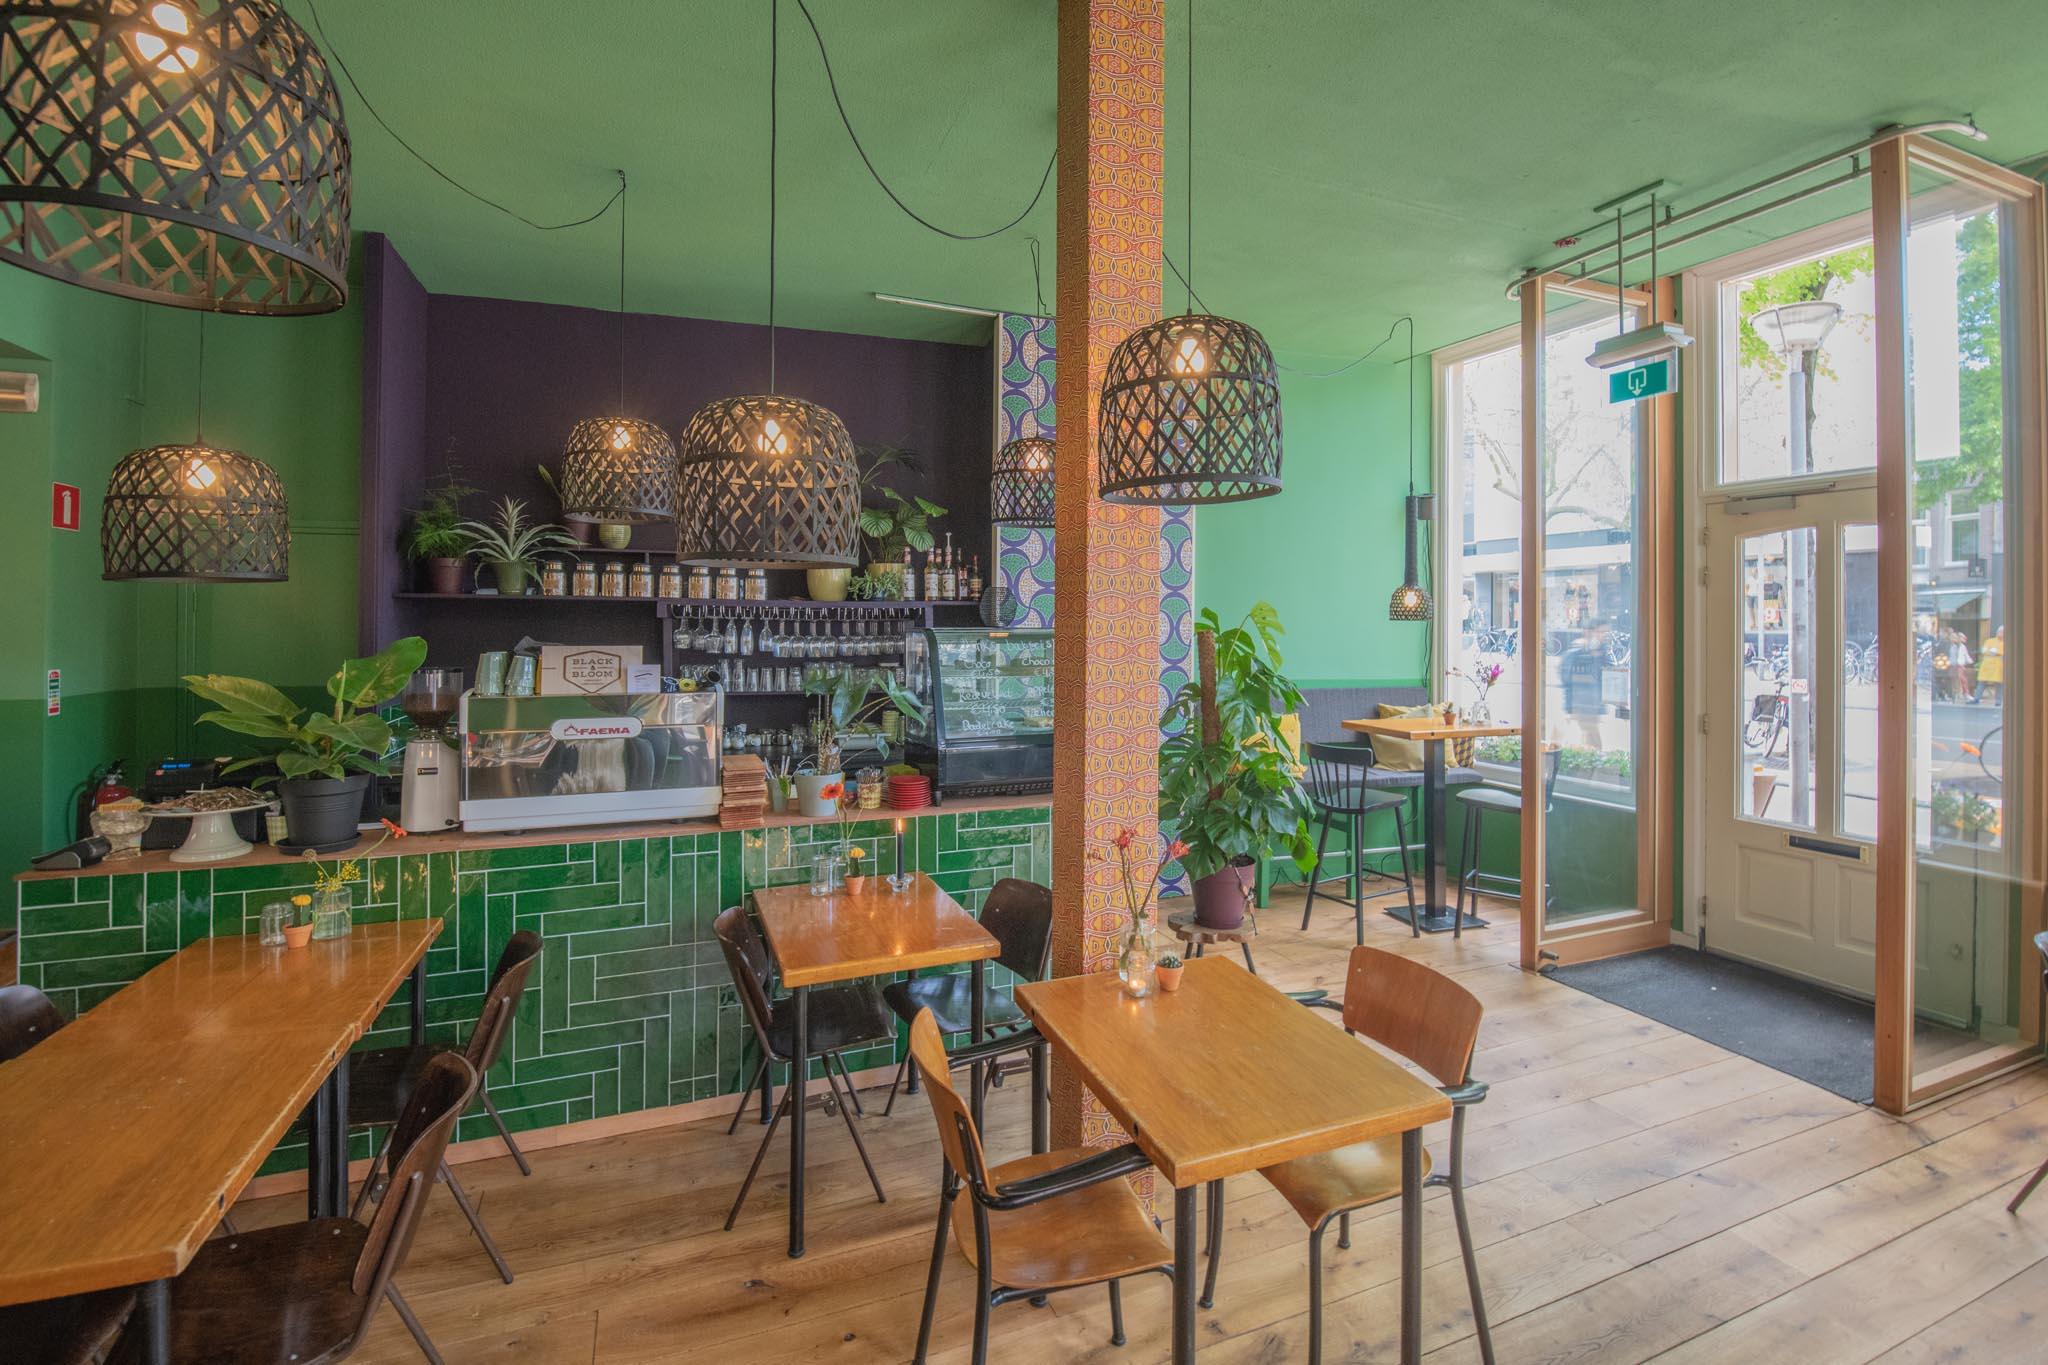 De Groene Stoel - Ingang + bar